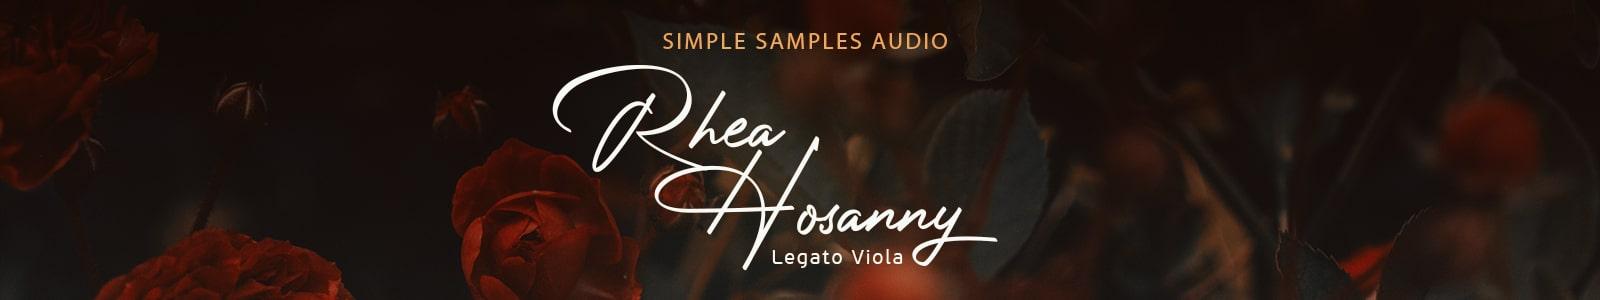 rhea hosanny legato viola